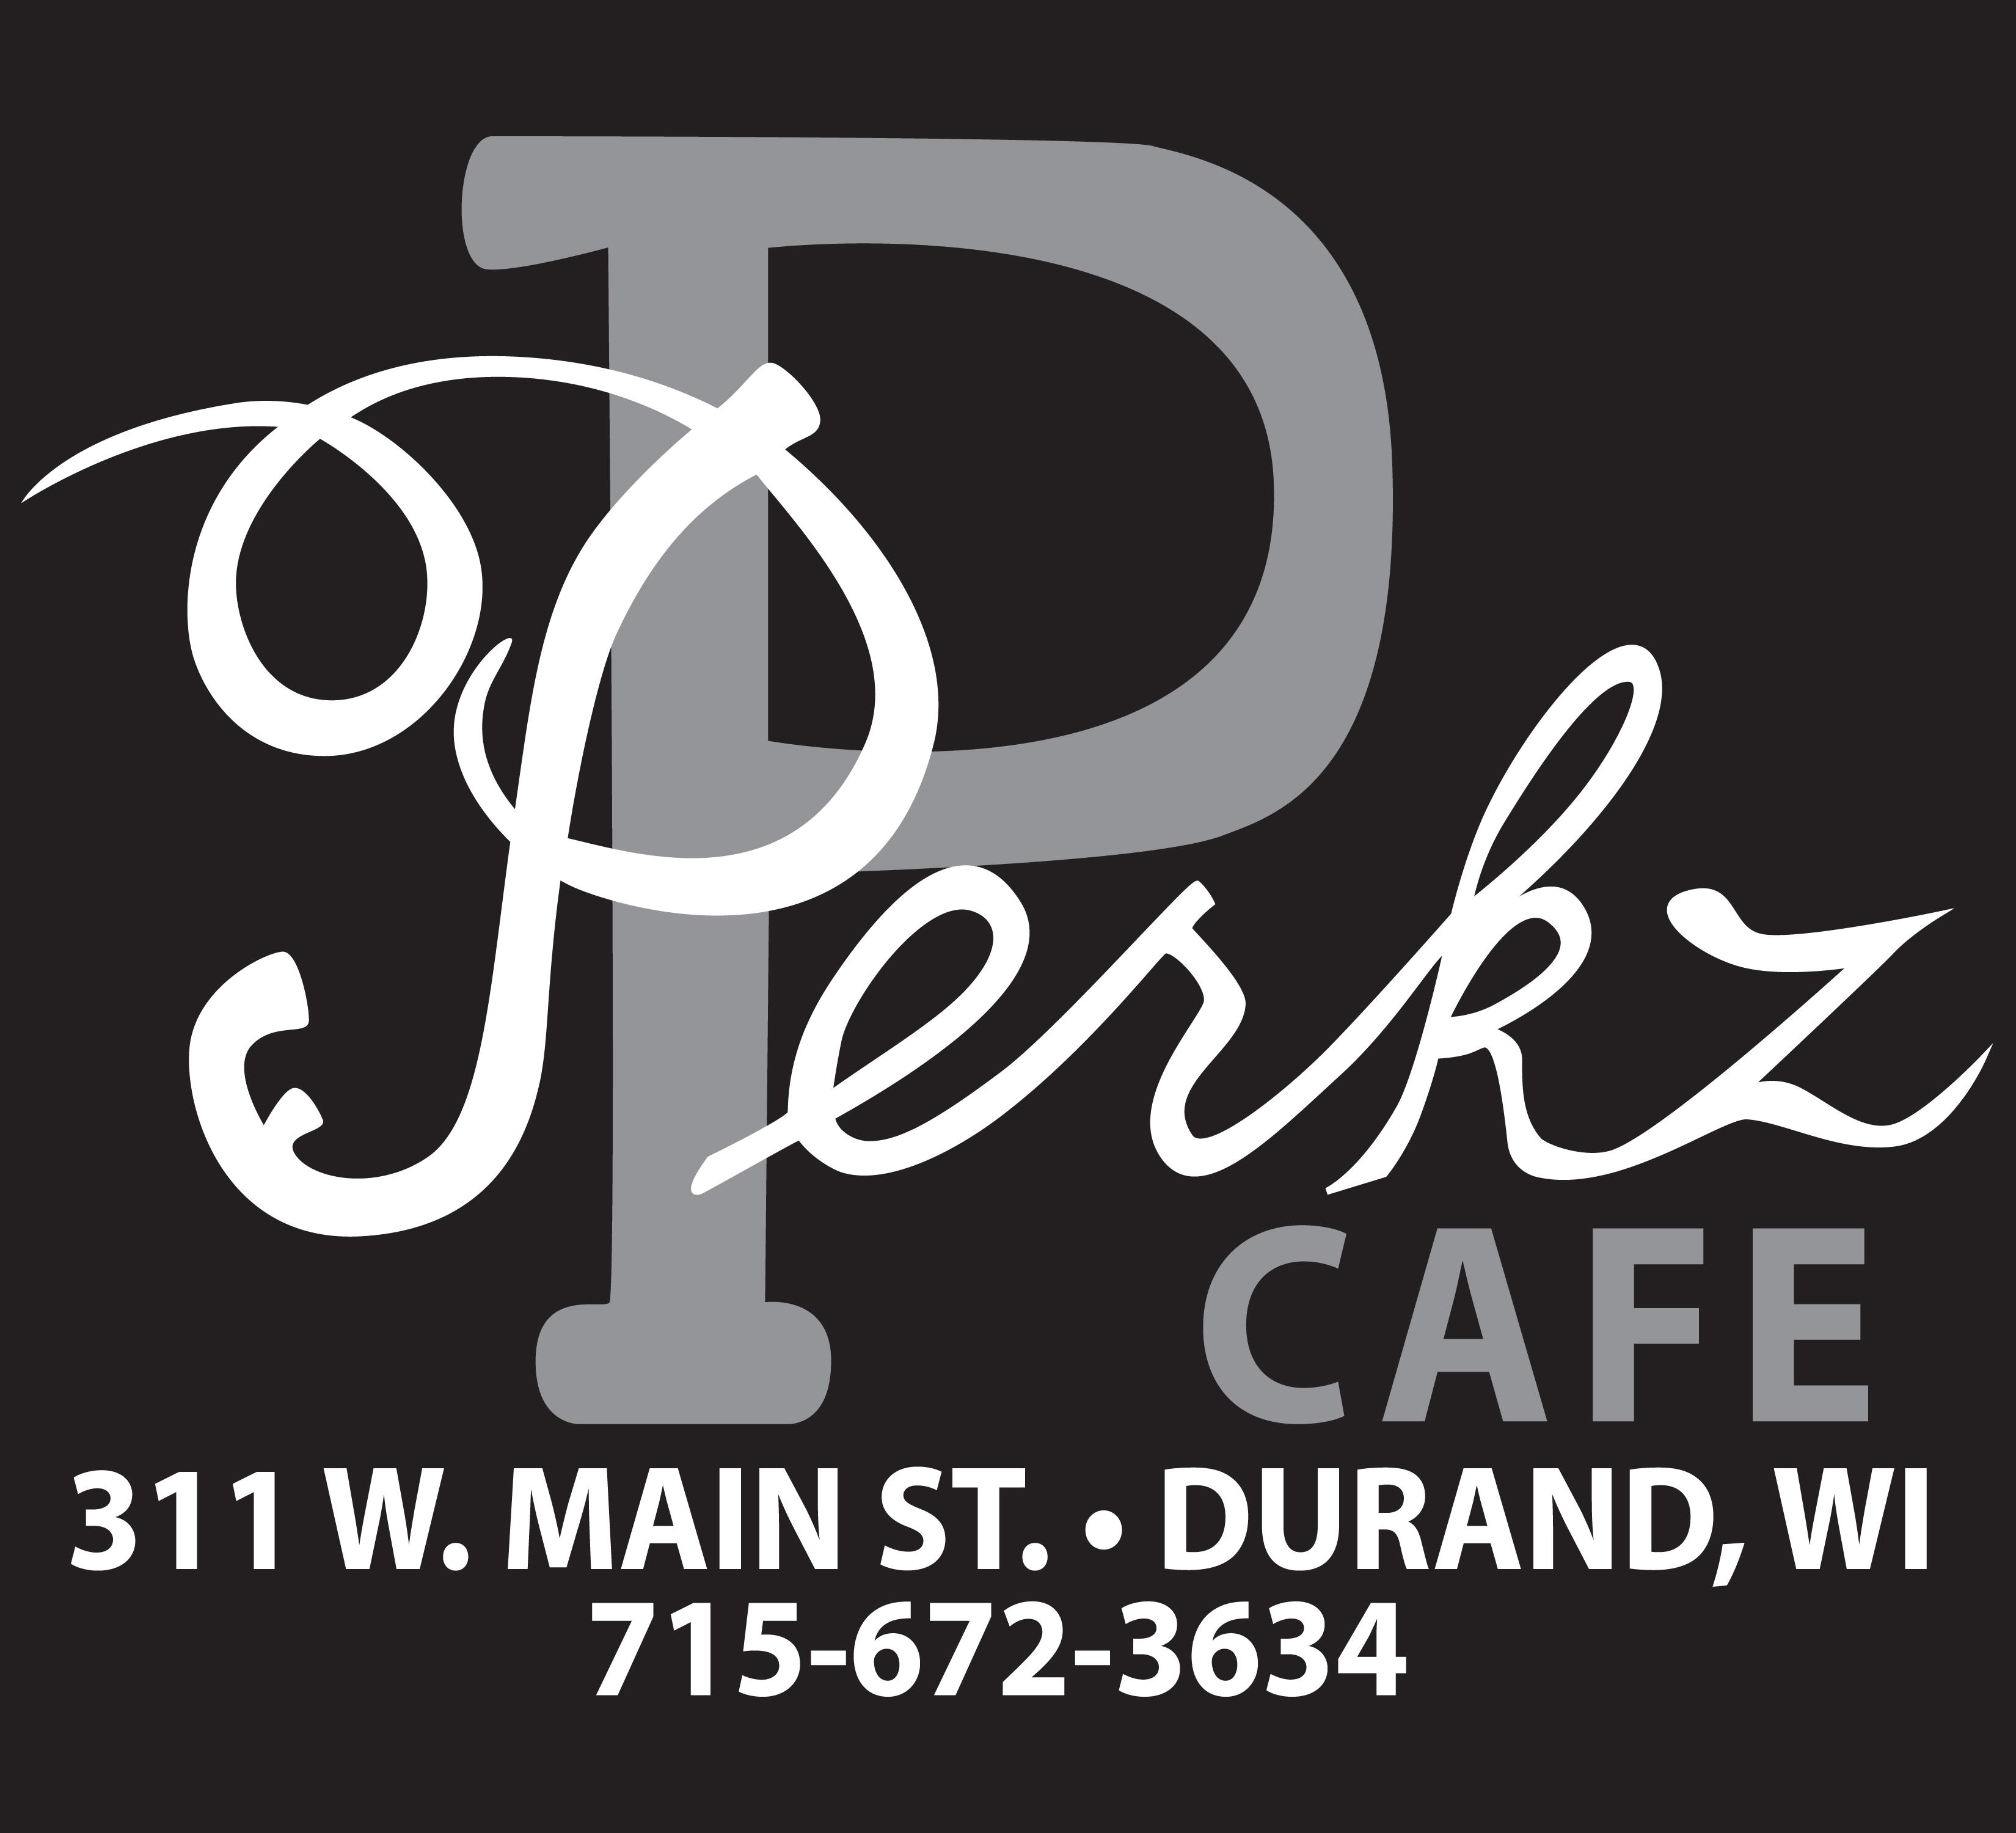 Perkz Cafe